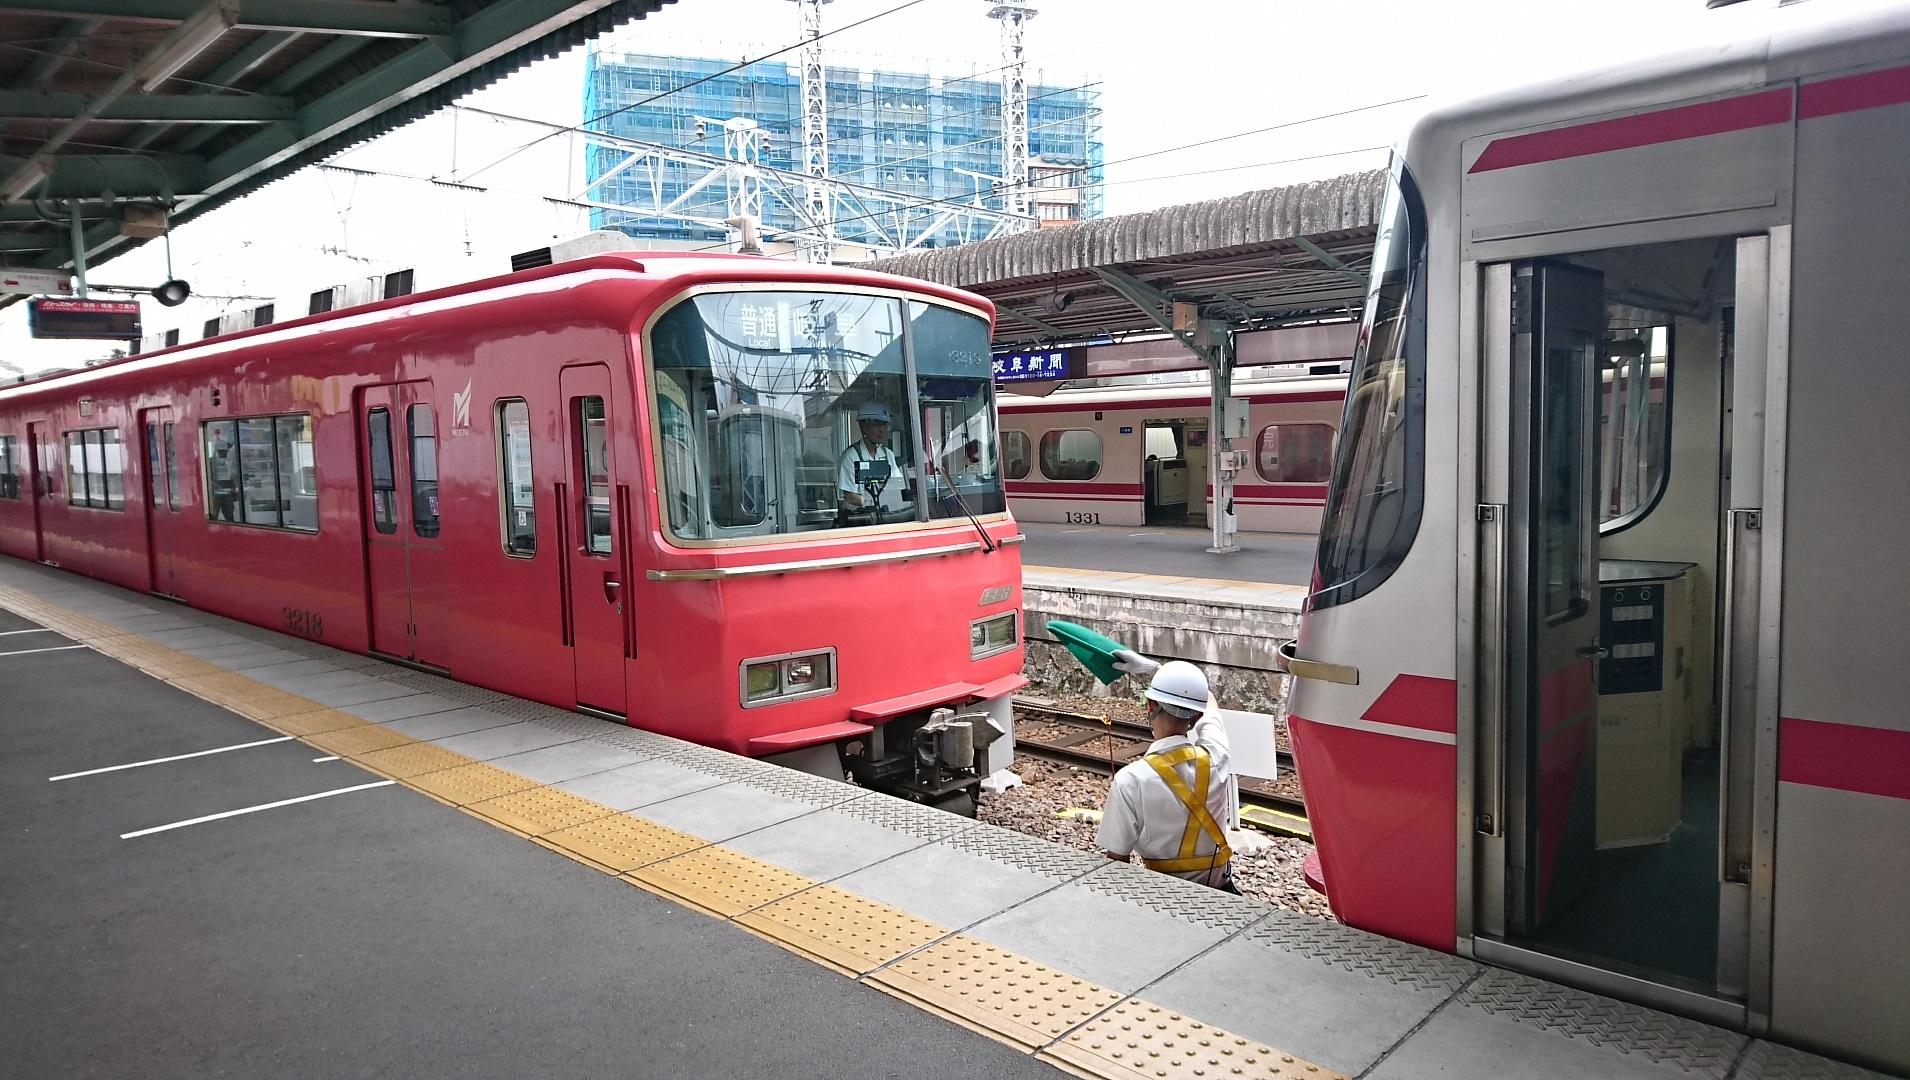 2017.8.3 笠松 (7) 岐阜 - 須ヶ口いきふつう 1910-1080